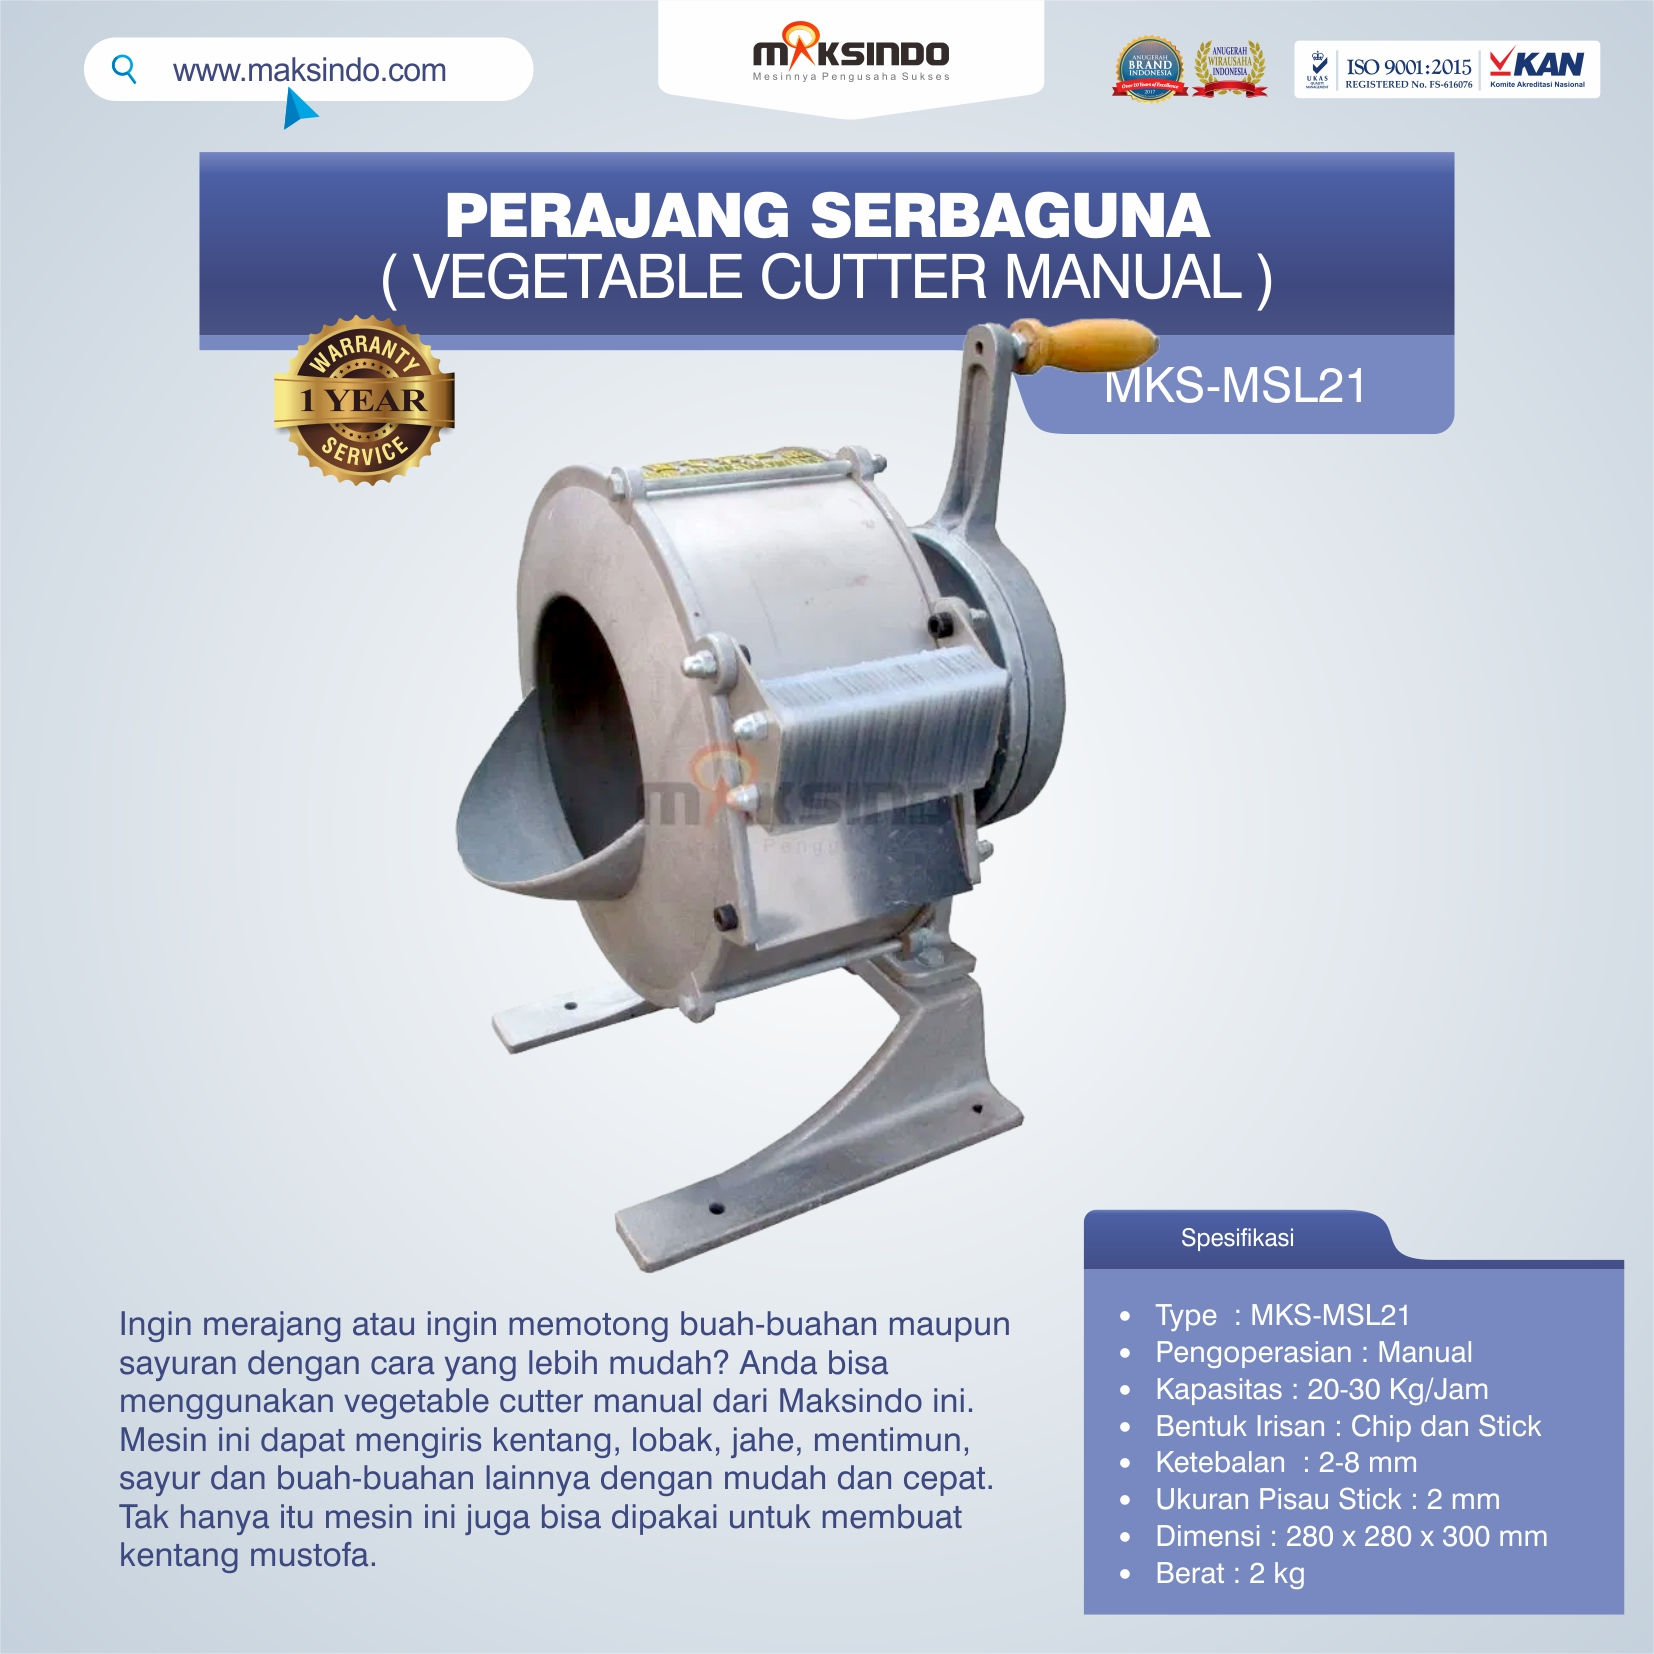 Jual Perajang Serbaguna (Vegetable Cutter Manual) MKS-MSL21 di Semarang